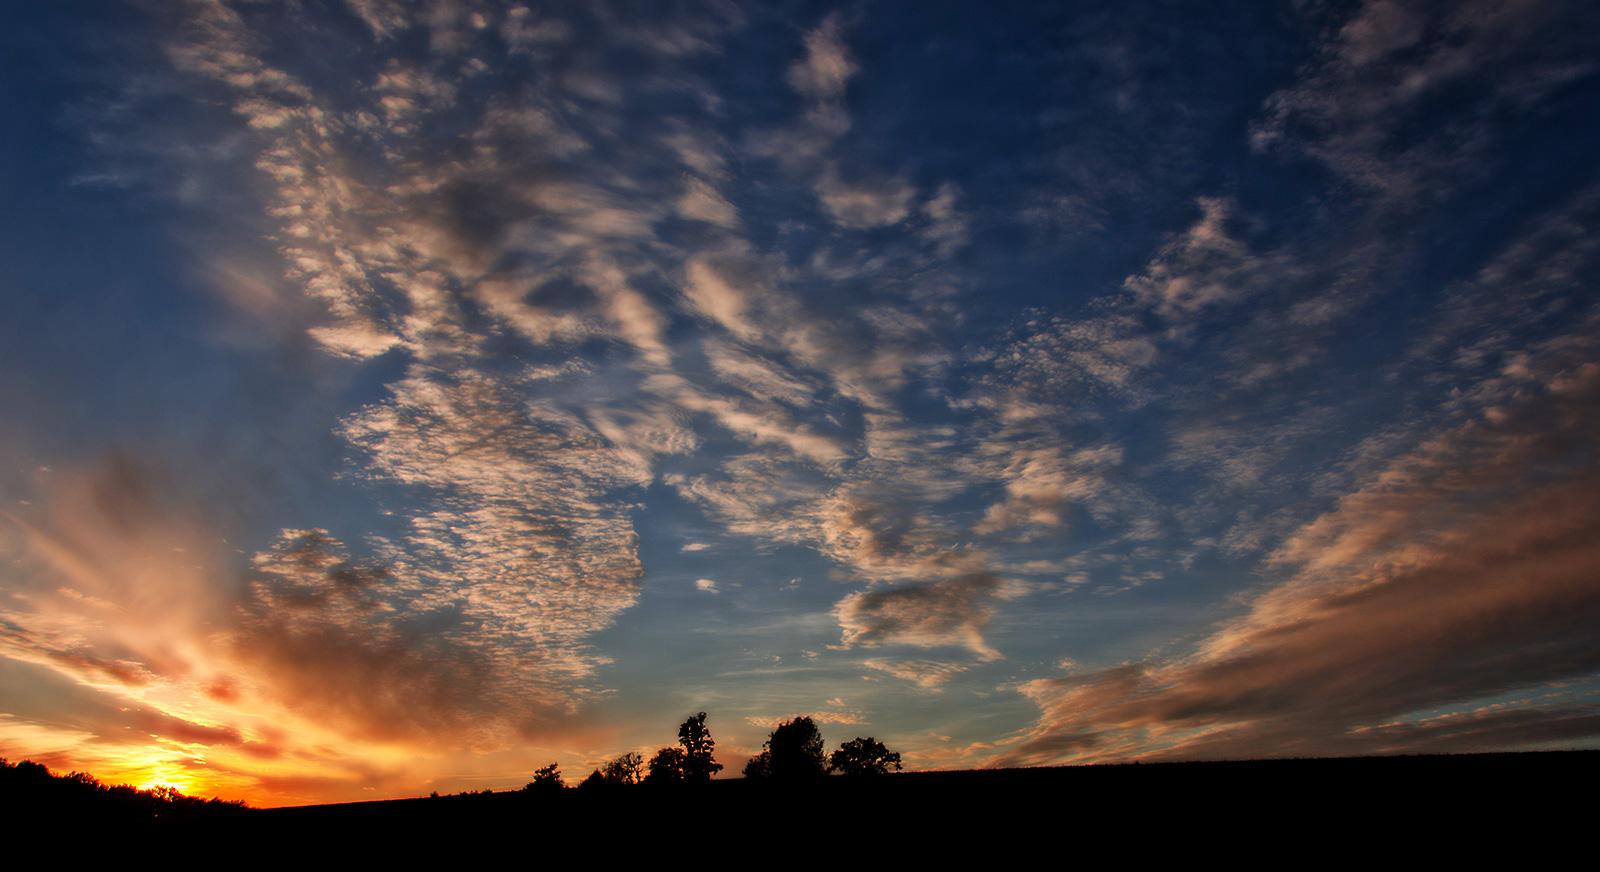 Herbsthimmel am Abend